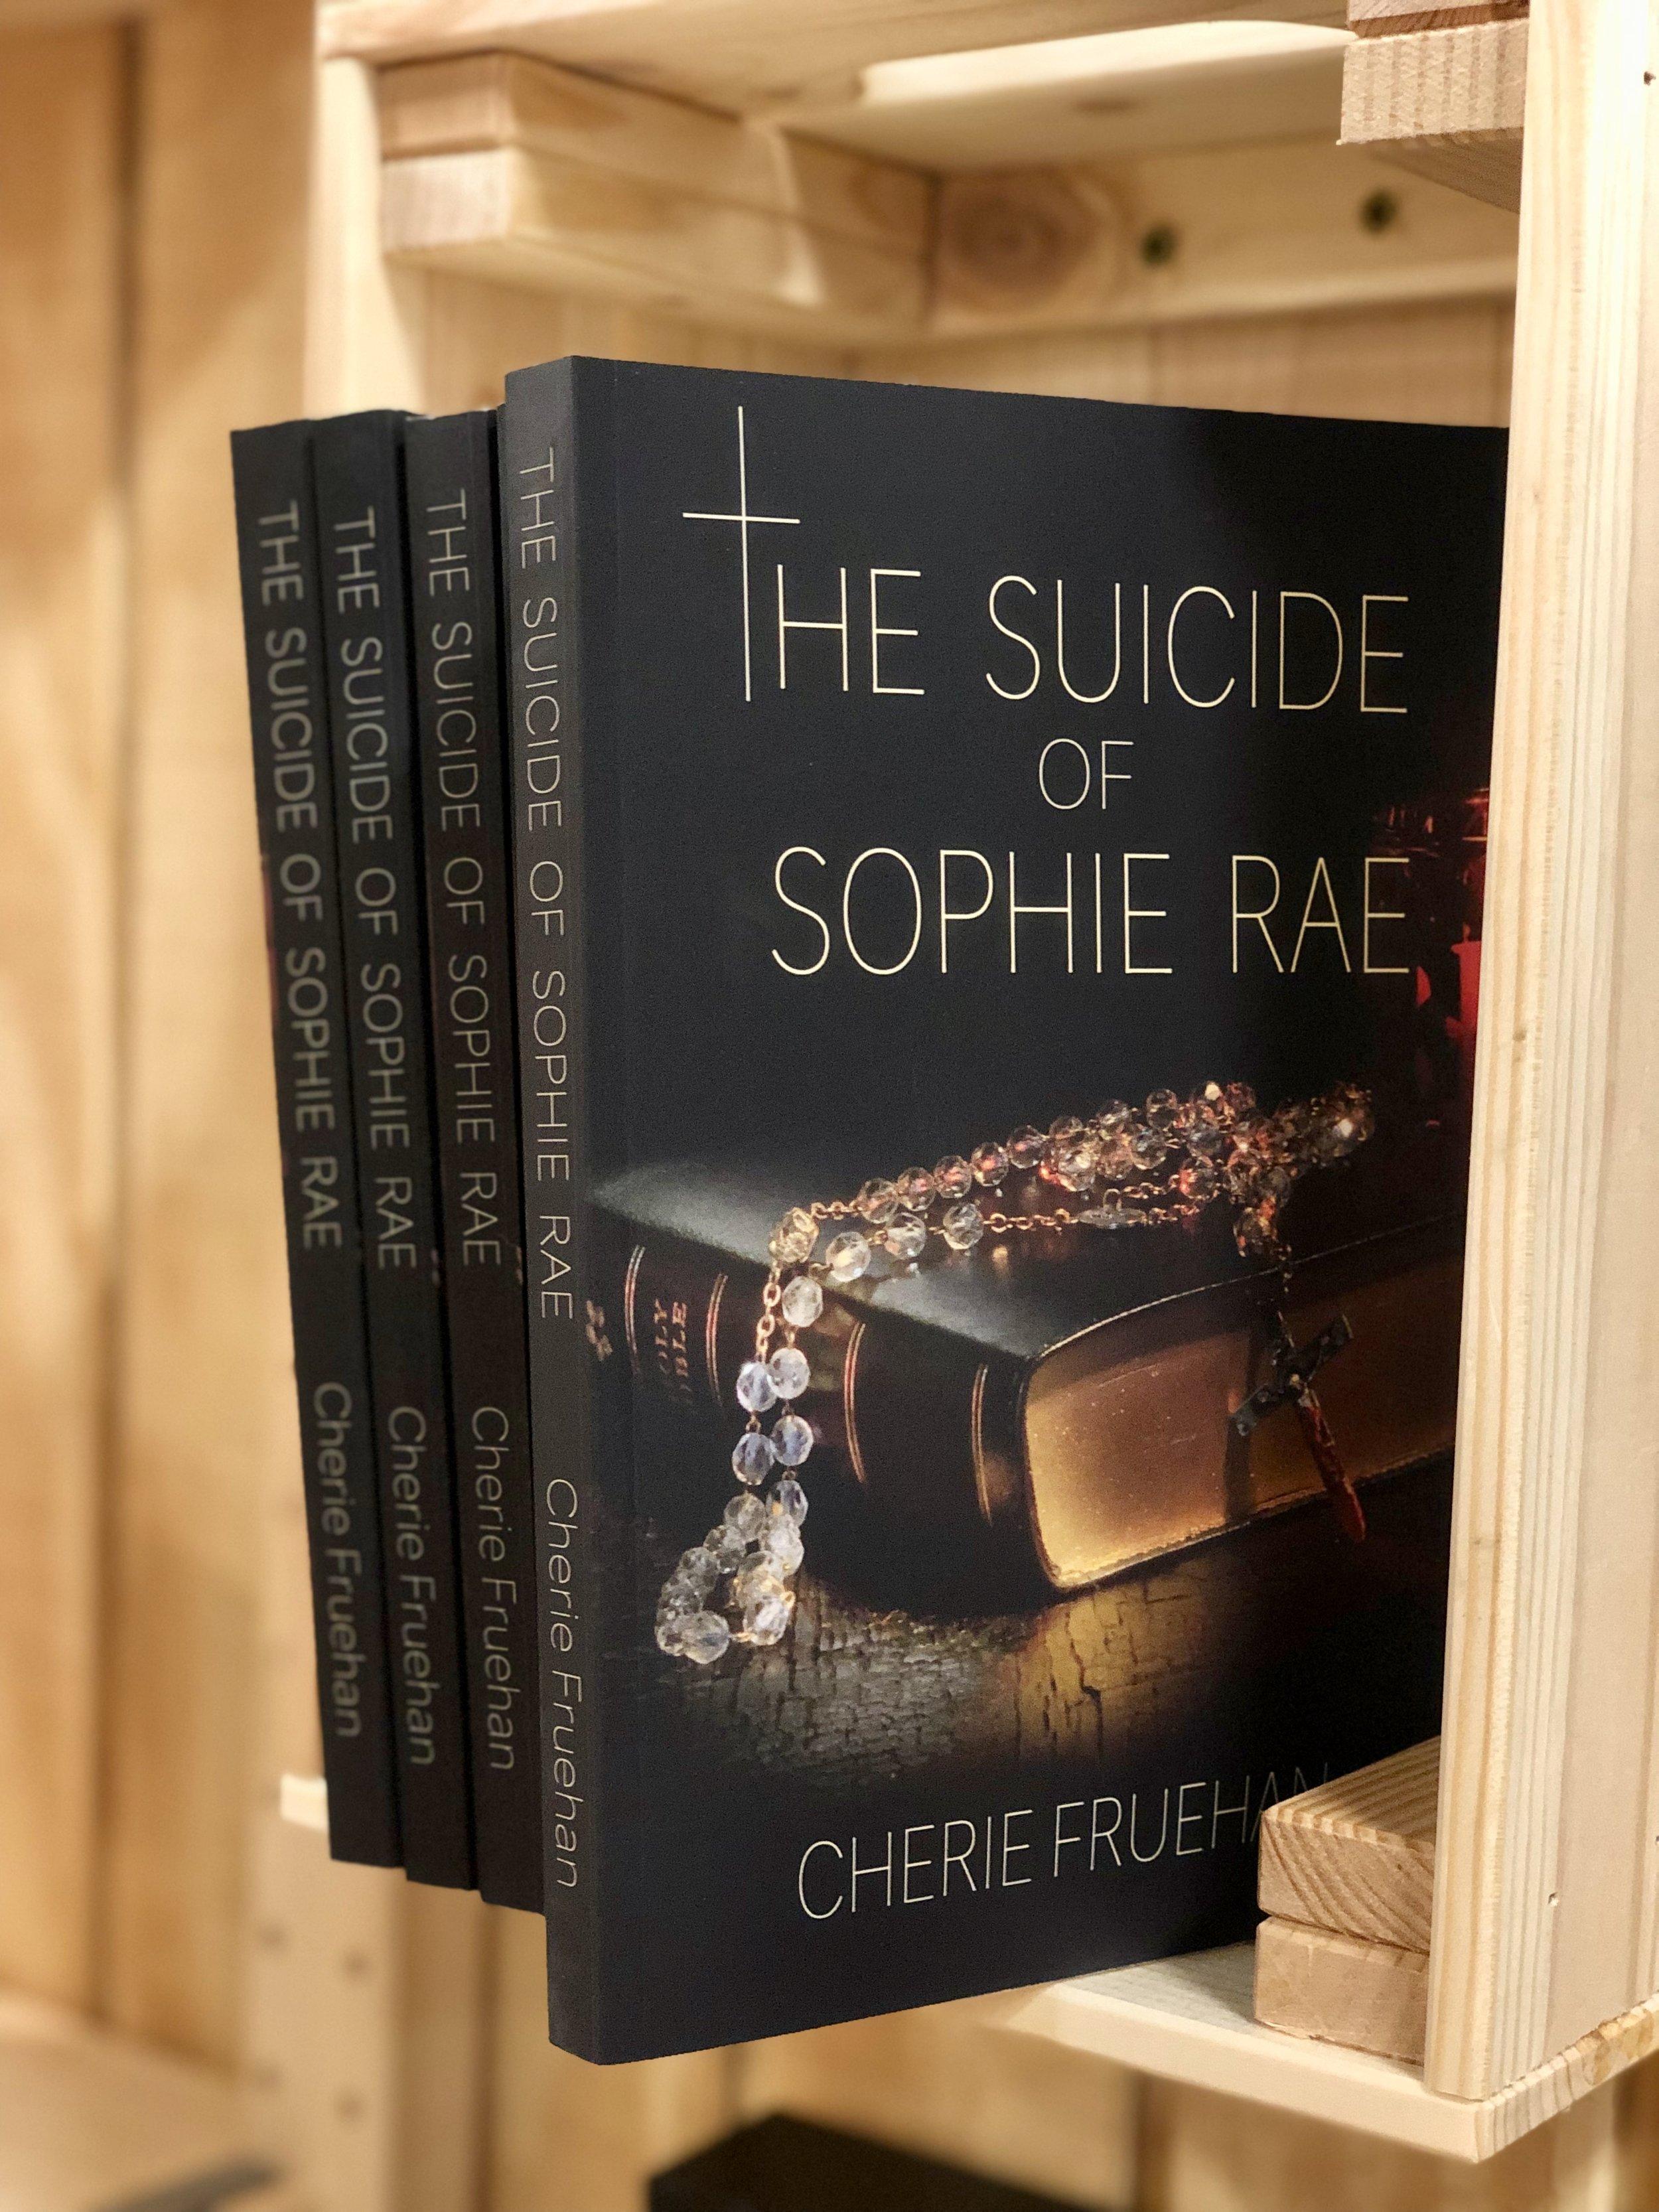 The Suicide of Sophie Rae ©cheriefruehan